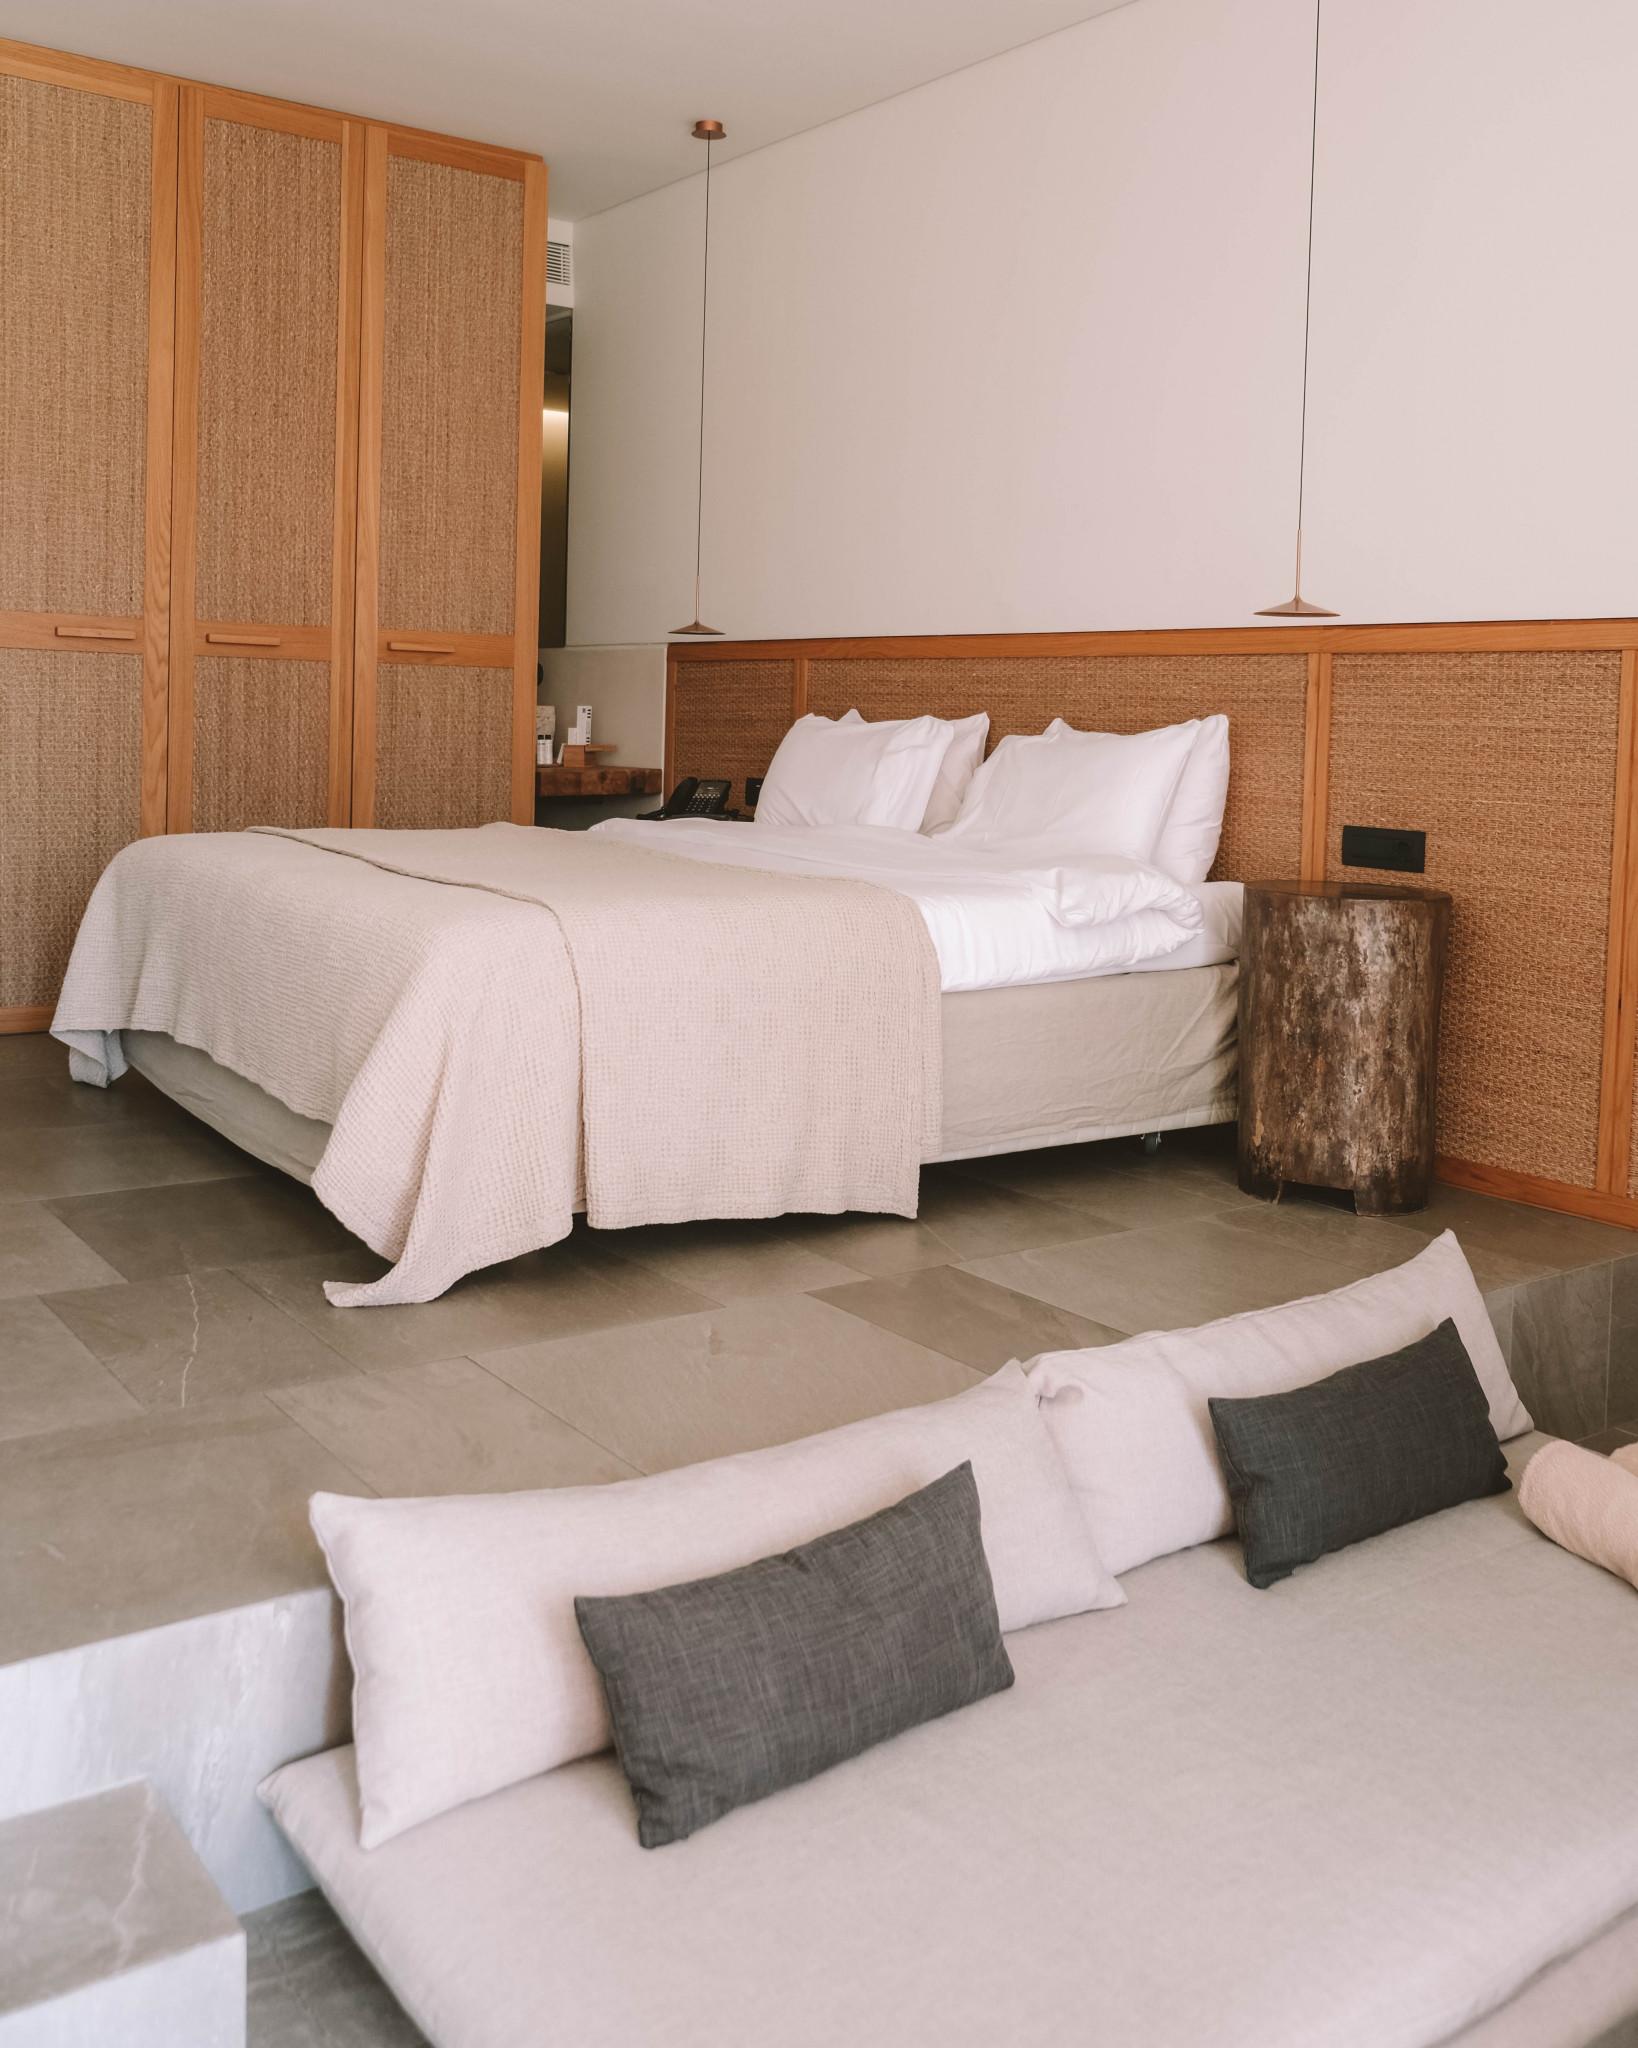 Grèce : Olea All Suite Hotel, bijou de design et de sérénite sur l'île de Zakynthos - 6